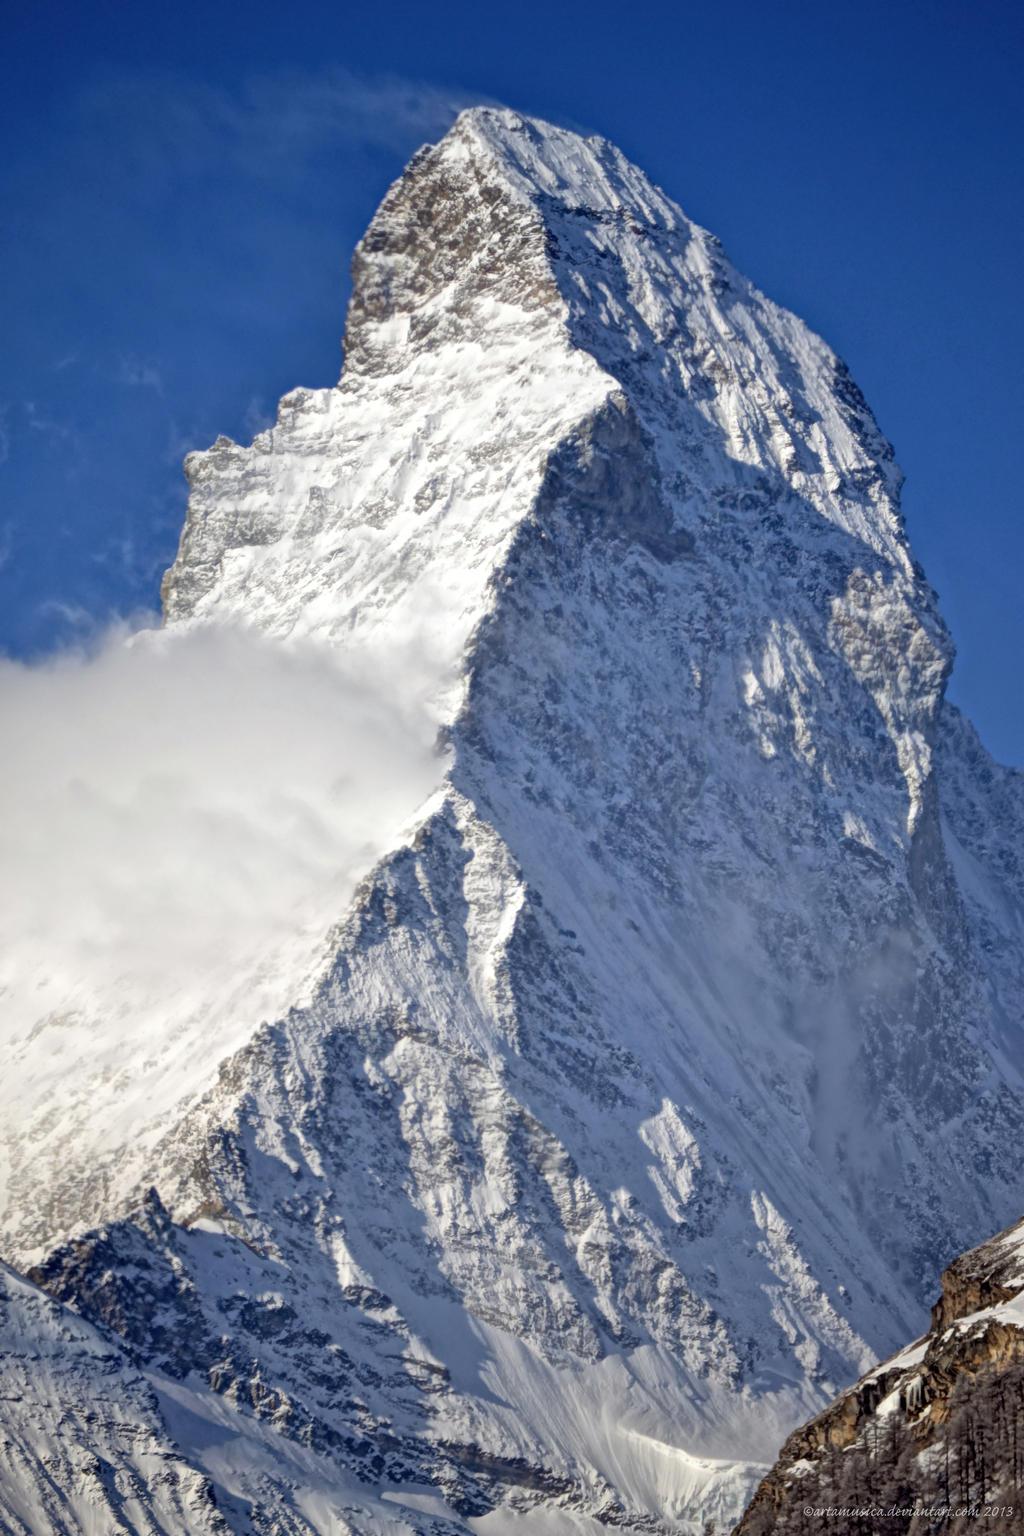 Matterhorn Triangular Focus by artamusica